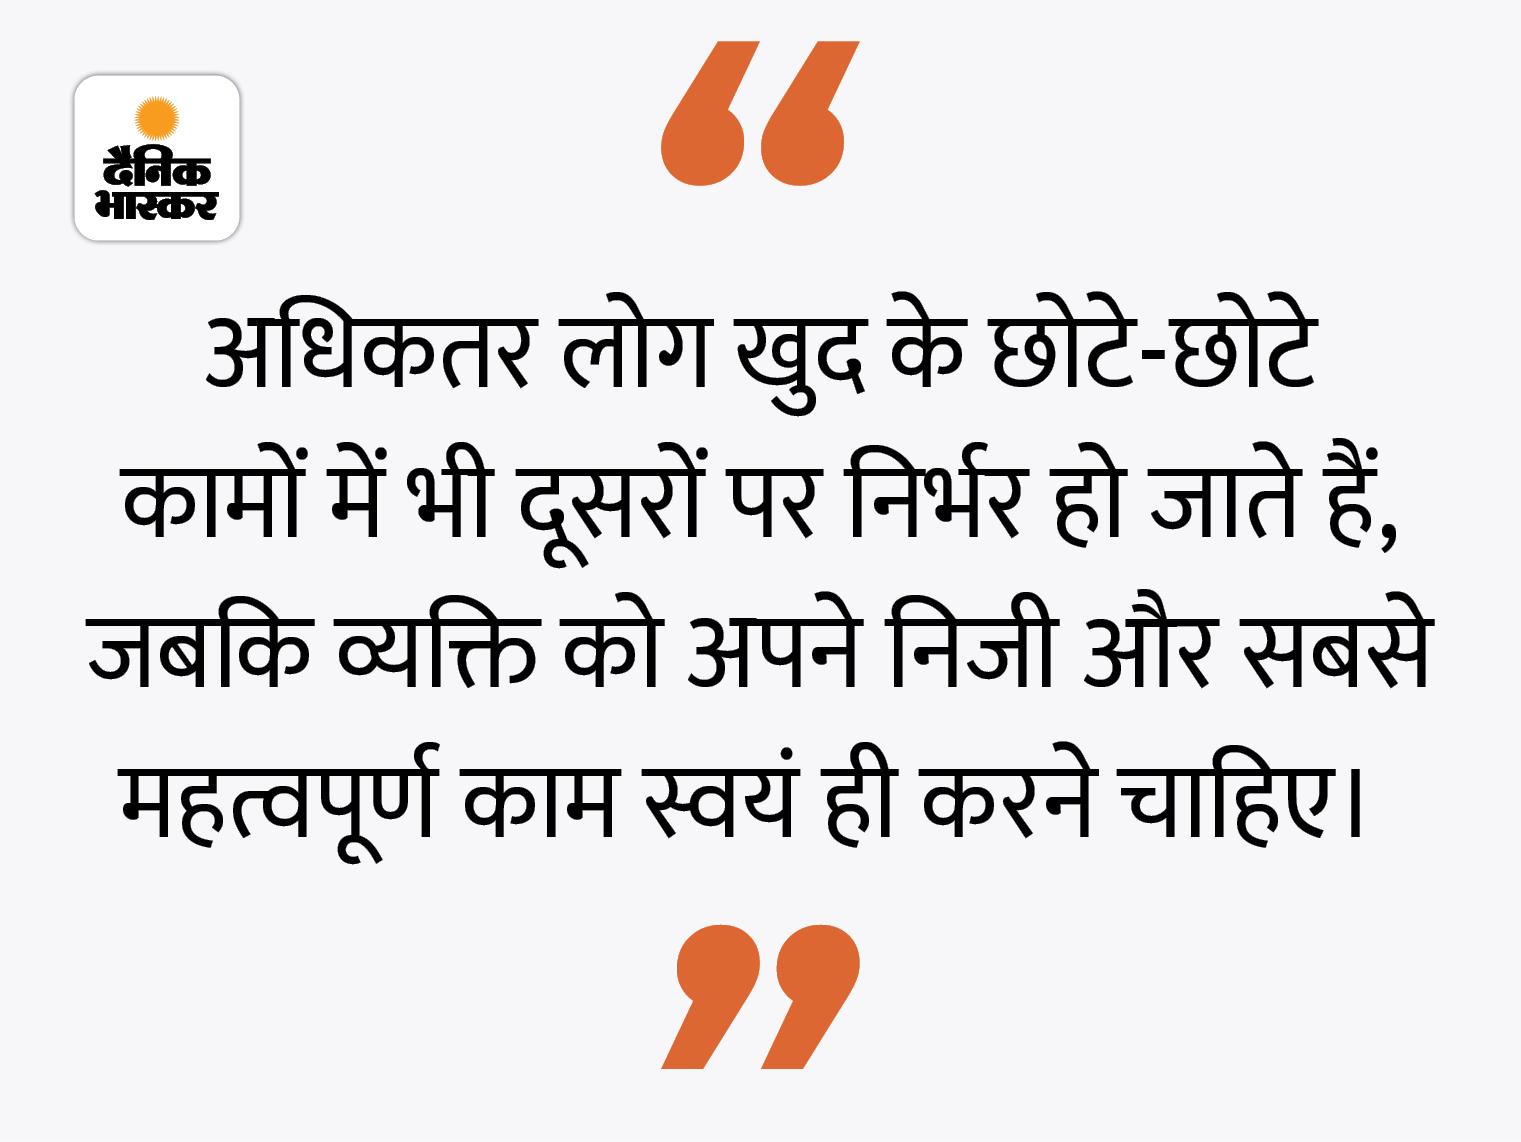 पूजा-पाठ जैसे शुभ कामों के लिए हमें किसी और व्यक्ति पर आश्रित नहीं होना चाहिए|धर्म,Dharm - Dainik Bhaskar